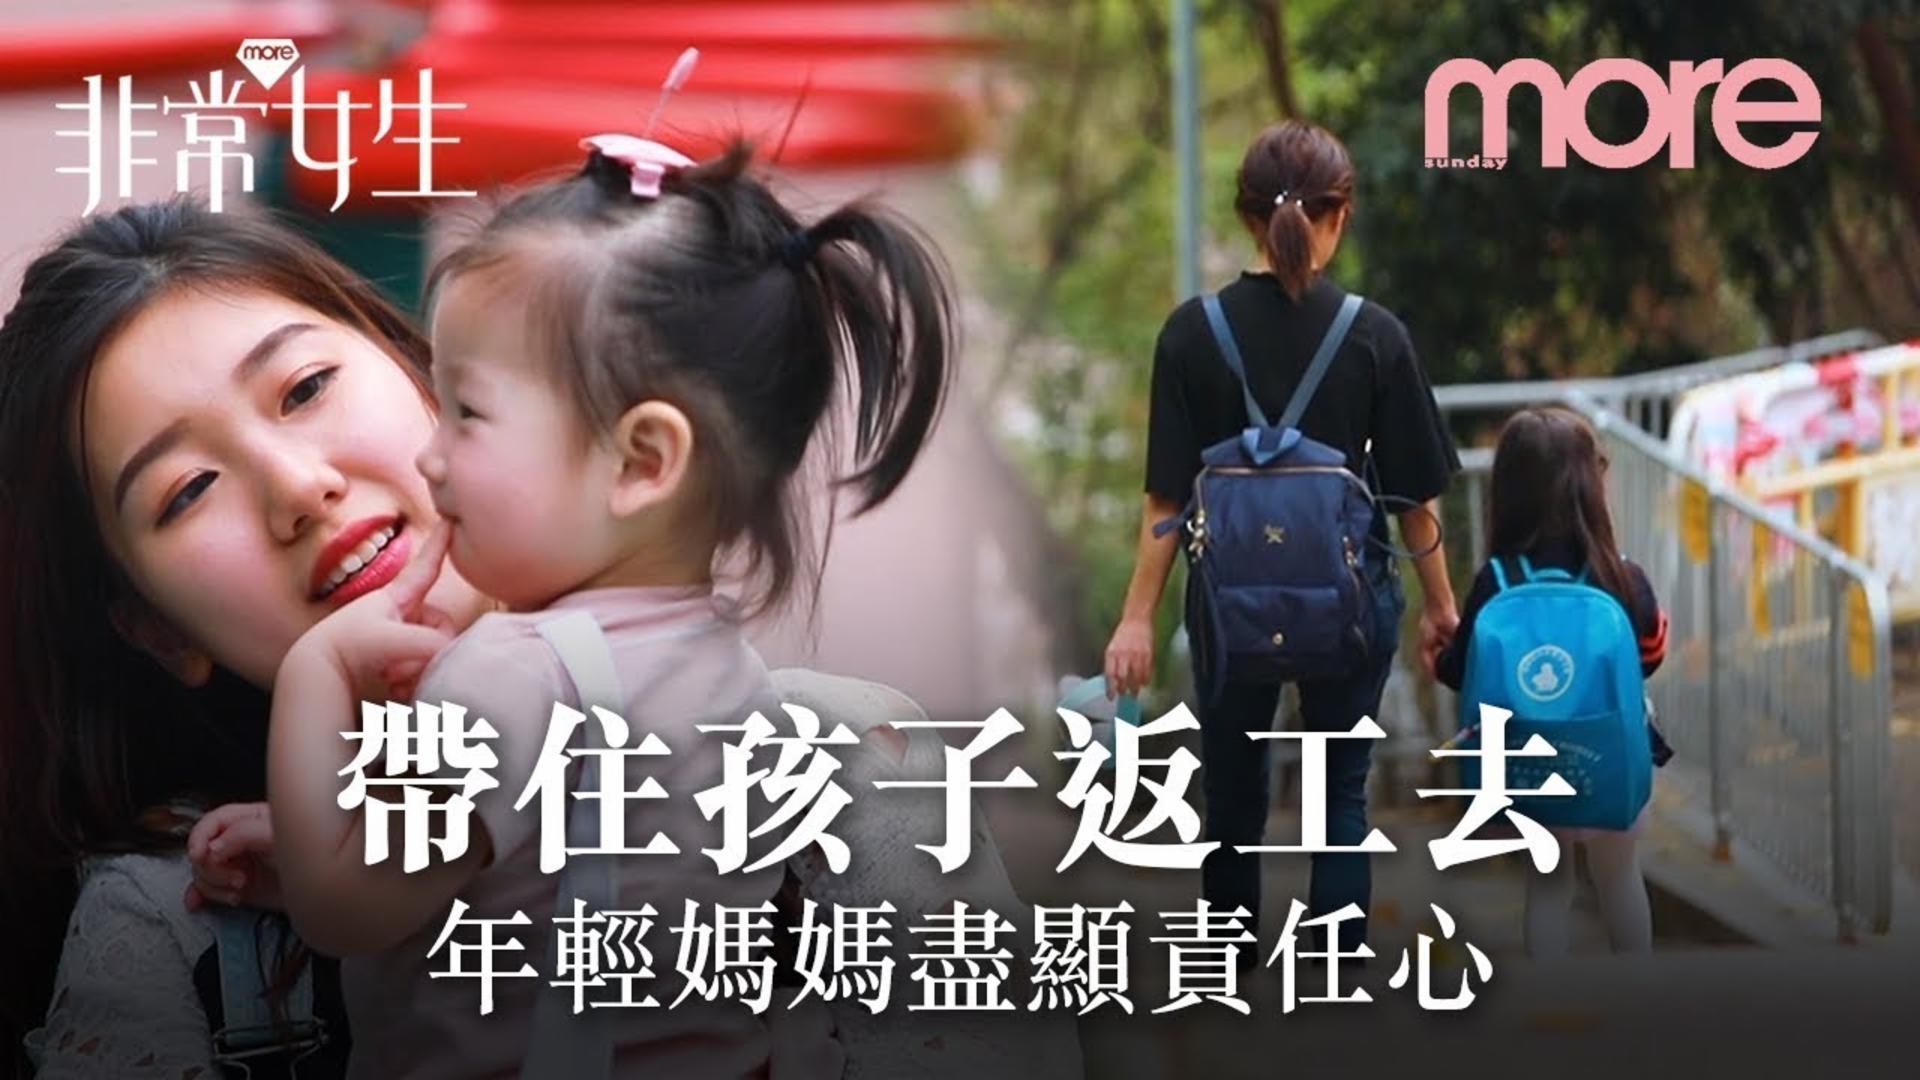 年輕不是罪 好媽媽與年齡無關 為了生活 年輕媽媽帶著孩子上班去【非常女生】Ep.20